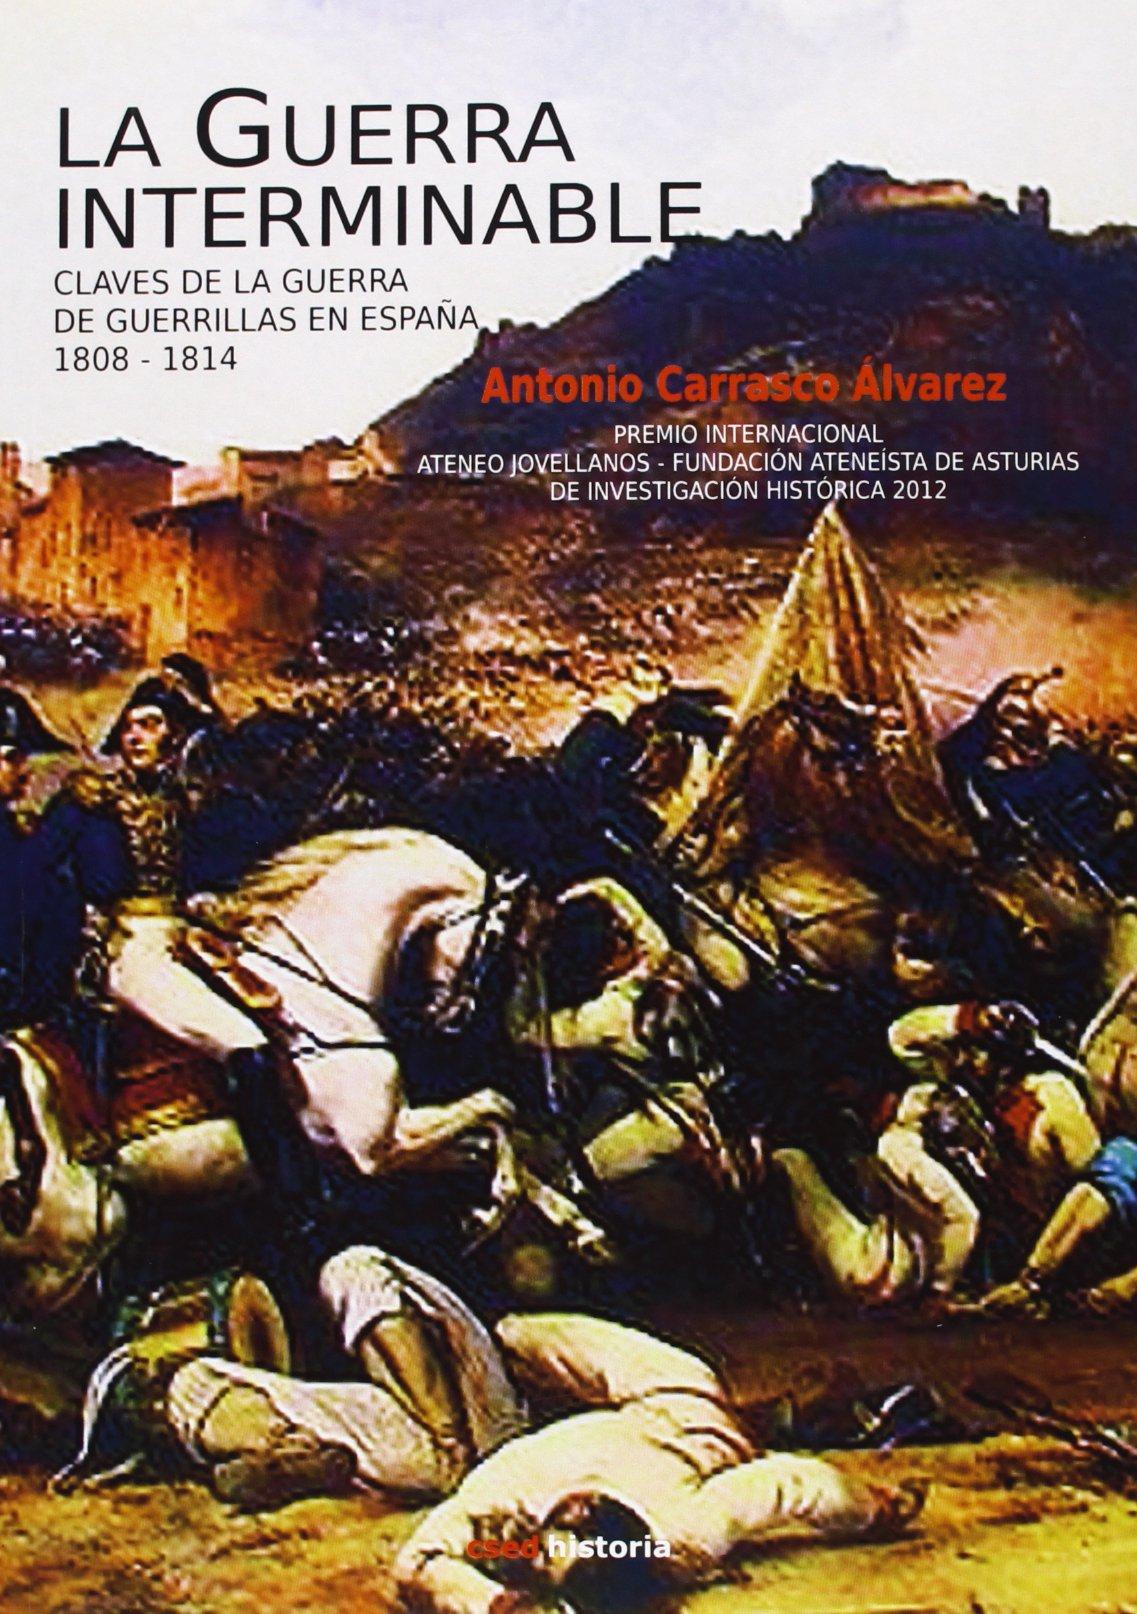 La guerra interminable. Claves de la guerra de guerrillas en España 1808-1814 Historia csed Editorial: Amazon.es: Carrasco Álvarez, Antonio: Libros